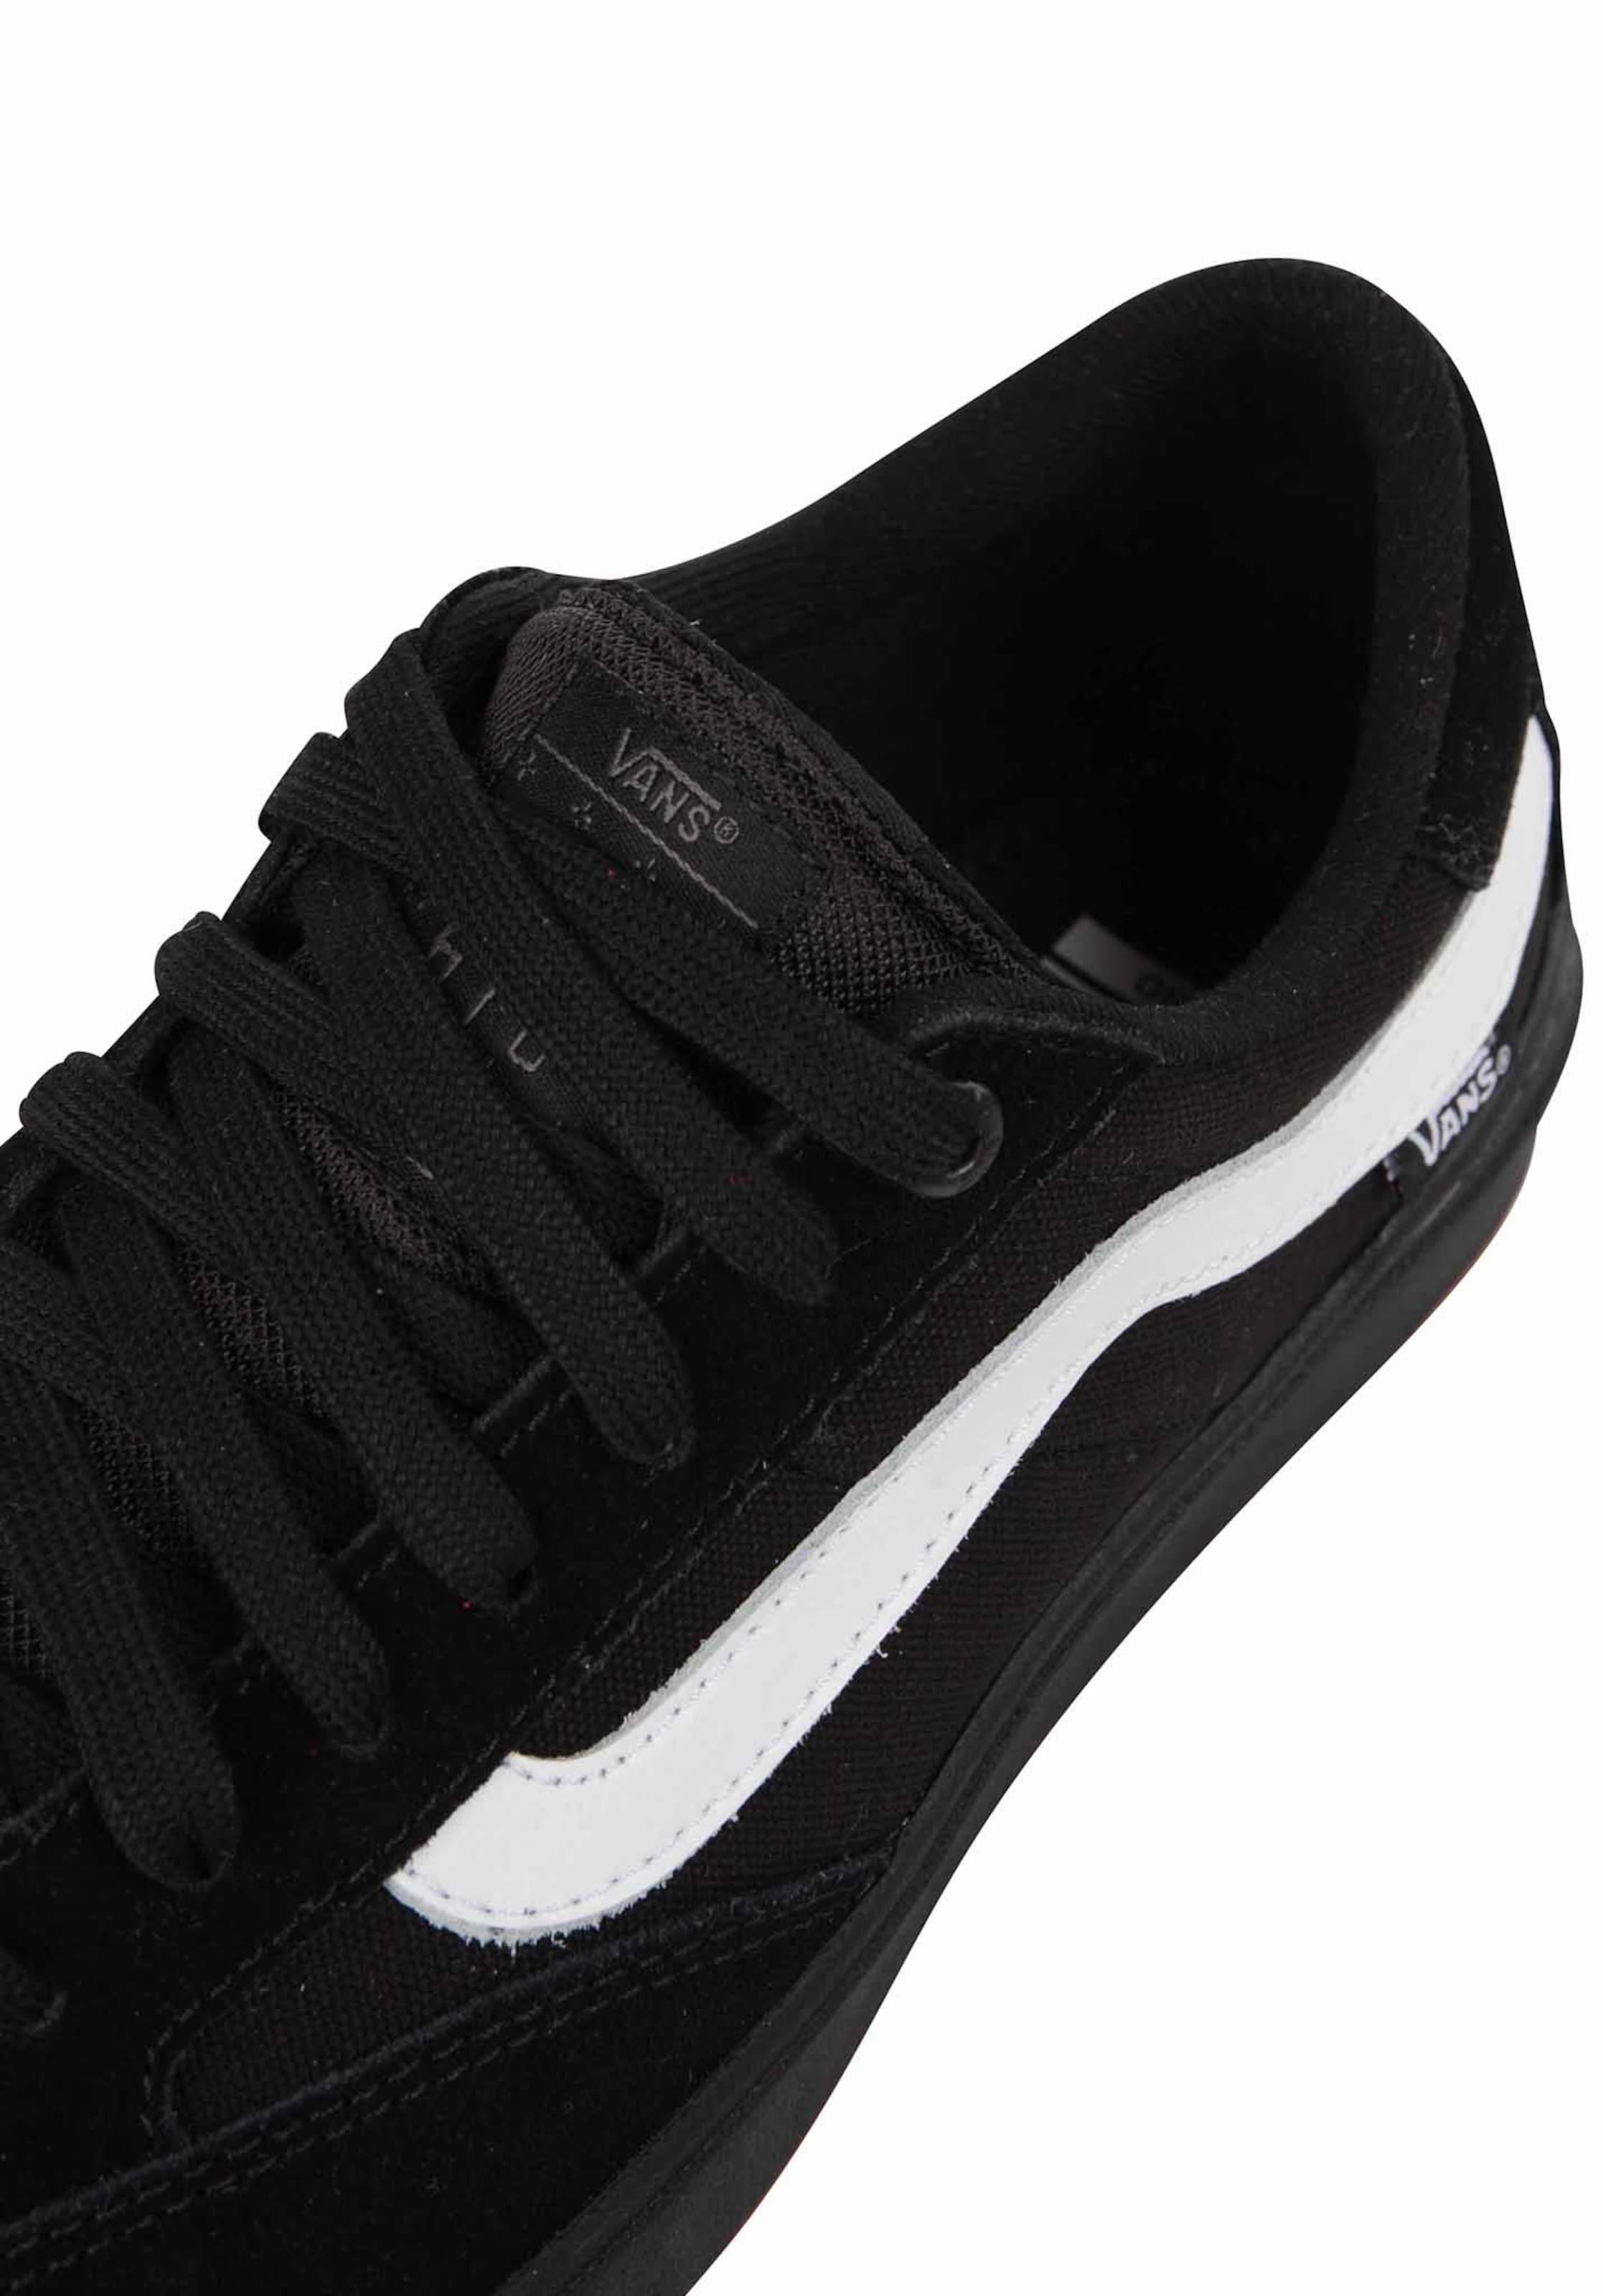 In Vans SchwarzWeiß Pro' 'berle Sneaker Yb7yfg6